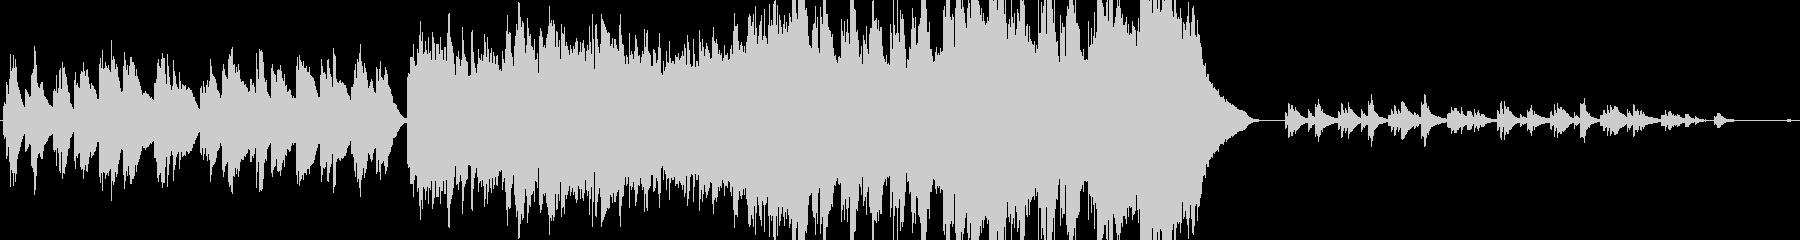 盛上り後、静かに優しく終わるピアノソロ曲の未再生の波形